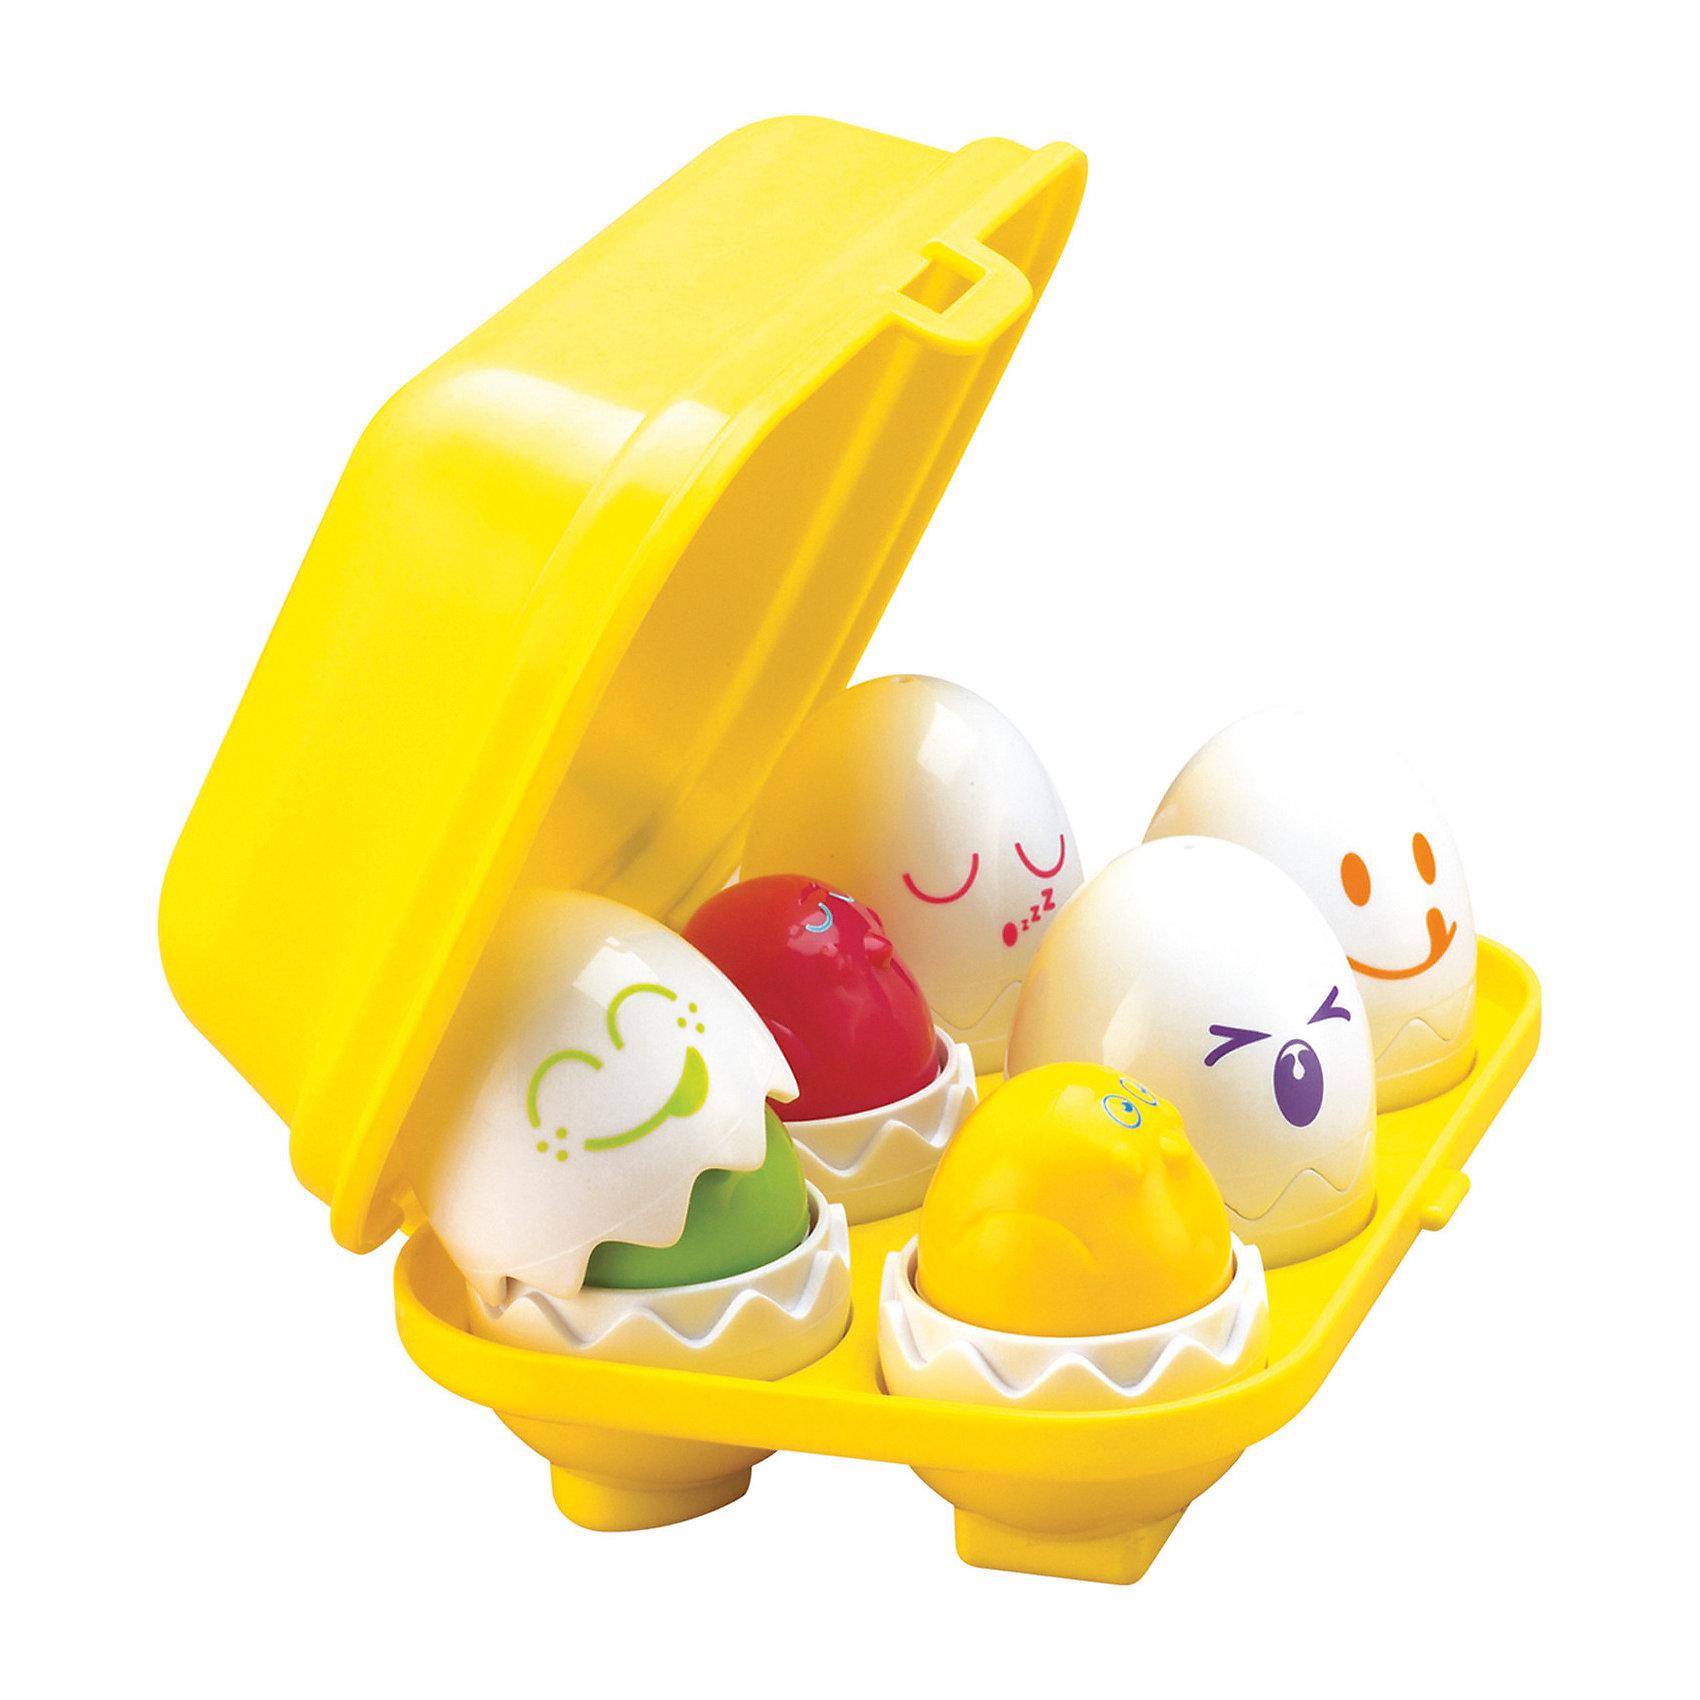 """Игрушка Найди яйцо, TOMYСортеры<br>Никогда ещё Ваш малыш не видел ничего более интересного – великолепная игра-сортер """"Найди яйцо"""" бренда TOMY (Томи) не только развлечет Вашего ребёнка, но и также будет способствовать развитию у него наиважнейших навыков.<br> <br>В небольшом чемоданчике находится 6 различных забавных яиц. В каждом из них находятся разноцветные птенчики. Малышу стоит лишь снять скорлупу с яиц, чтобы найти птенцов. Если он захочет погладить этих забавных созданий, нажав на голову птенца он """"нырнёт"""" обратно в скорлупу с забавным звуком.<br><br>Все яйца можно без труда достать из контейнера – но поставить их обратно будет не так-то просто, так как каждое яйцо обладает специальной формой (сердце, треугольник, квадратик, кружок, крестик и звёздочка) для крепления к чемоданчику.<br><br>Находя подходящее место для яичек, у малыша будет непосредственно развиваться логика. Он начнёт лучше различать формы и геометрические фигуры. Данная игрушка также способствует улучшению концентрации и памяти ребёнка и развитию причинно-следственной связи.<br><br>Отлично подходит как для мальчиков, так и для девочек.<br>Ну, разве это не сказка? Спешите порадовать Вашего ребёнка!<br><br>В набор входят:<br>- 6 яиц с различными смешными мордашками<br>- разноцветные птенцы, находящиеся в яйцах<br>- контейнер для яичек<br><br>Дополнительная информация:<br>Материал – высококачественный пластик<br>Вес – 350 гр<br>Размер – 21 х 17 х 8 см<br><br>Игрушку Найди яйцо, TOMY (Томи) можно купить в нашем магазине.<br><br>Ширина мм: 215<br>Глубина мм: 147<br>Высота мм: 83<br>Вес г: 377<br>Возраст от месяцев: 12<br>Возраст до месяцев: 48<br>Пол: Унисекс<br>Возраст: Детский<br>SKU: 1602928"""